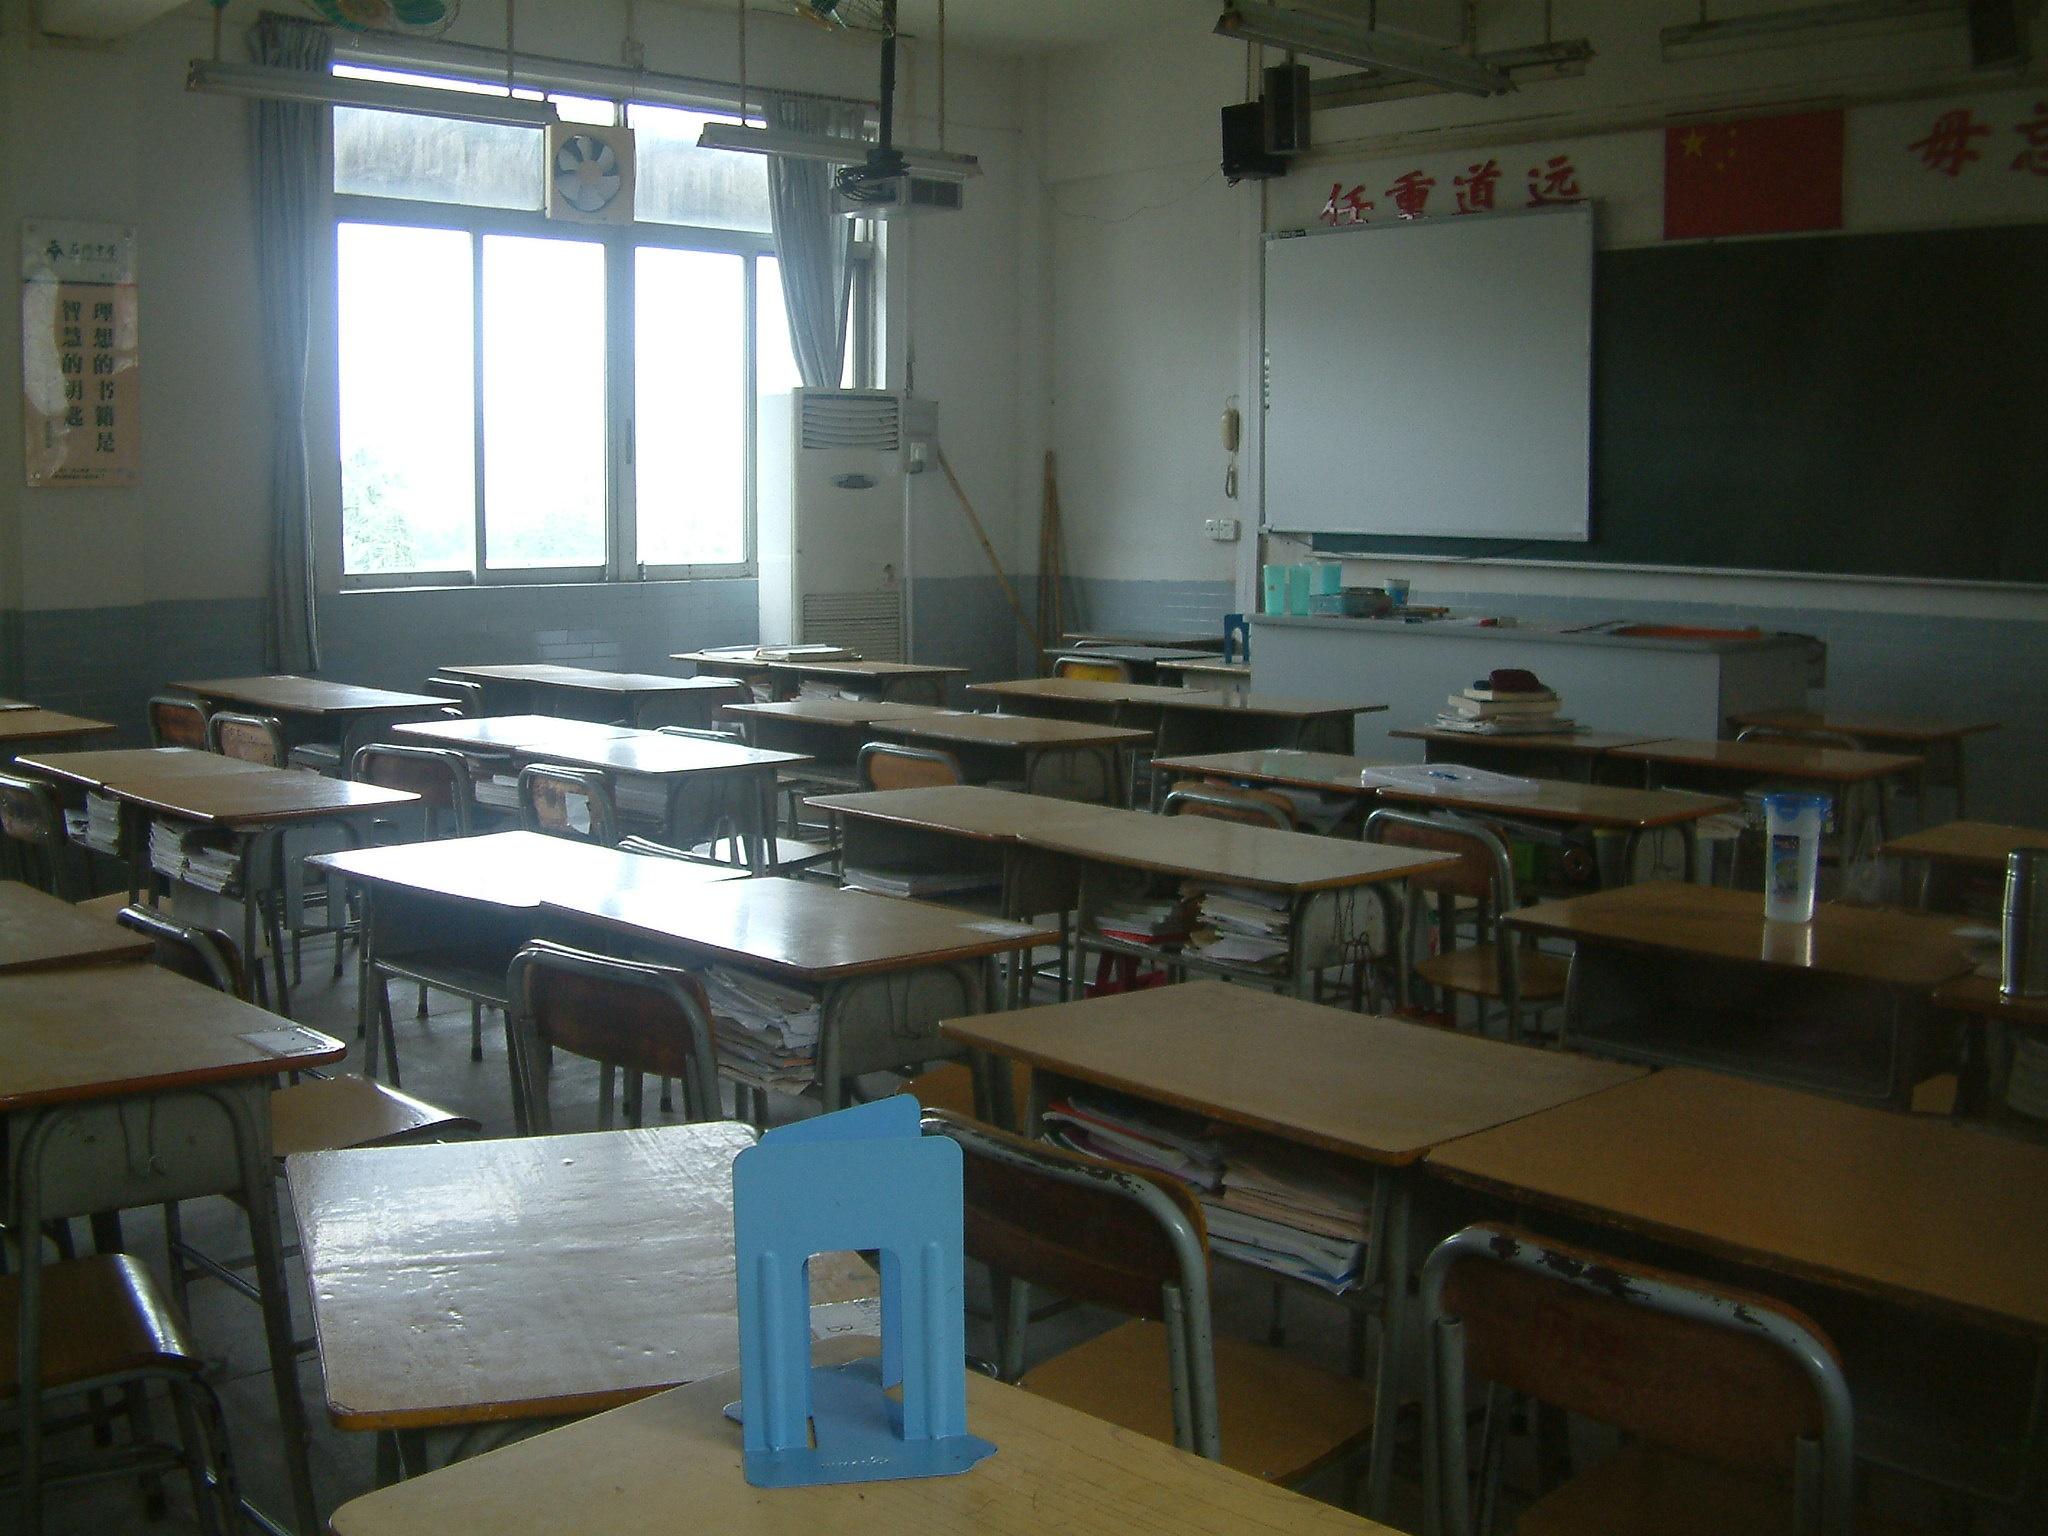 Ein Klassenzimmer im südchinesischen Foshan im Jahr 2010. Foto: Florian Jung.